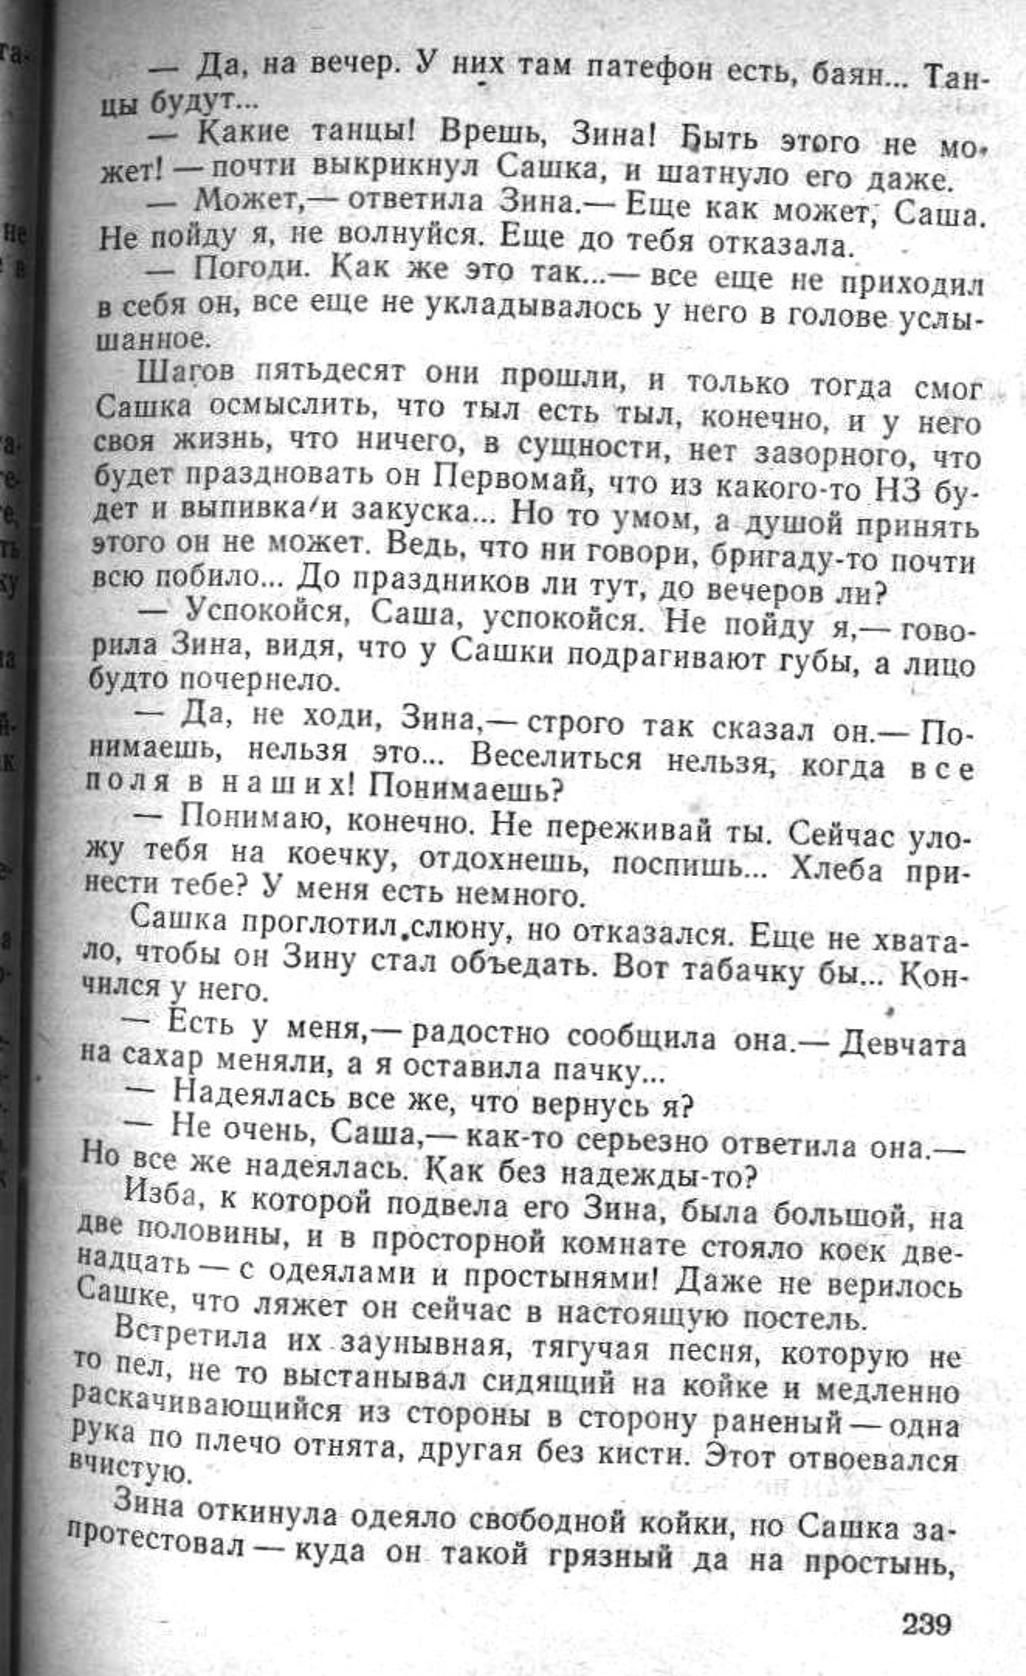 Сашка. Повесть. Вячеслав Кондратьев. 009. 002